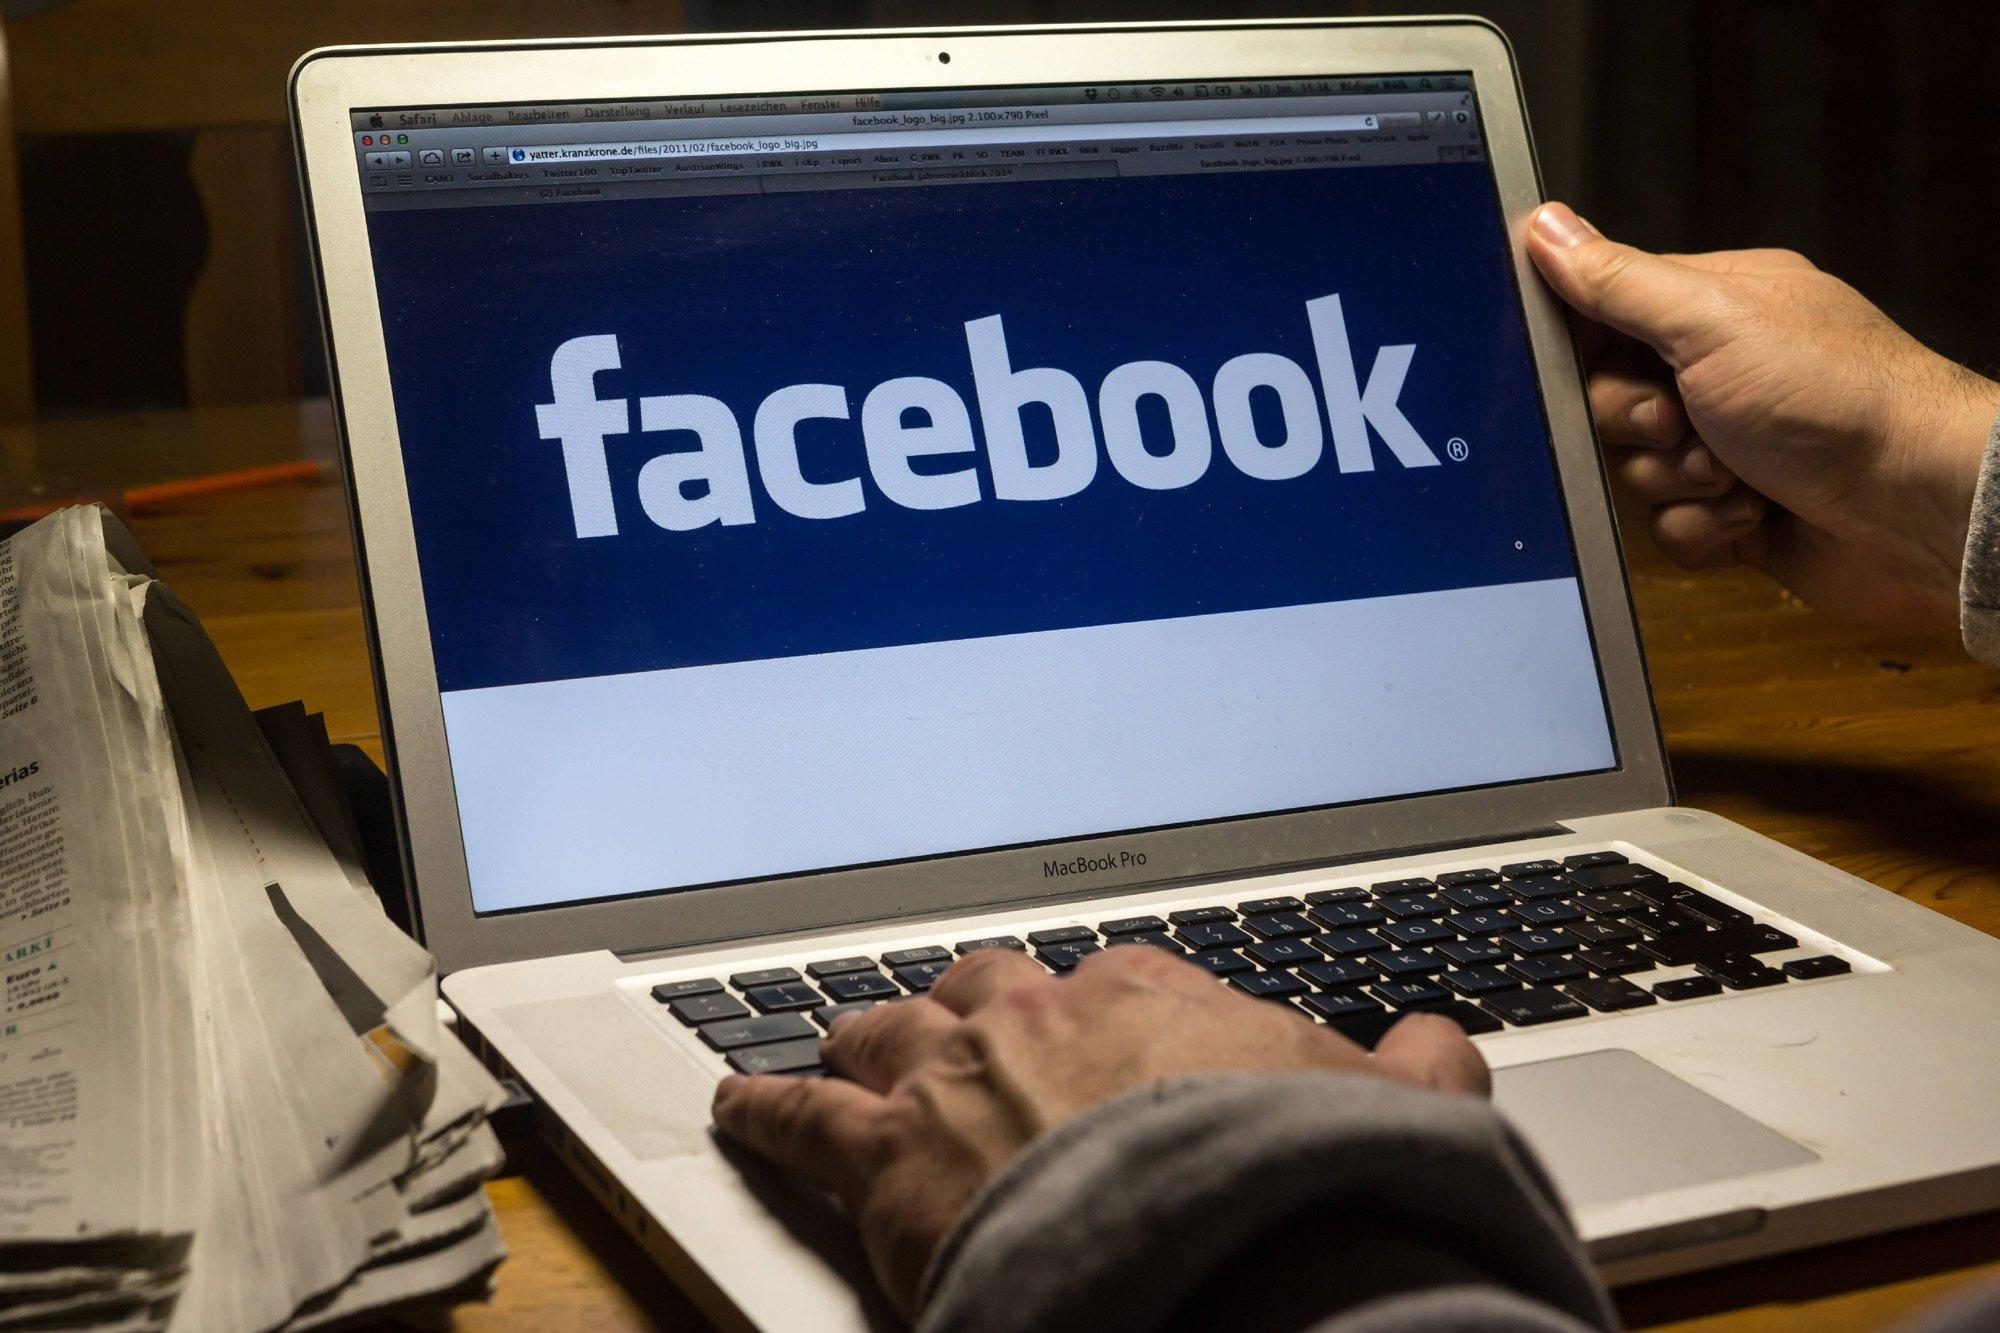 Социальная сеть Facebook иTwitter запустили сервисы отслеживания рекламы